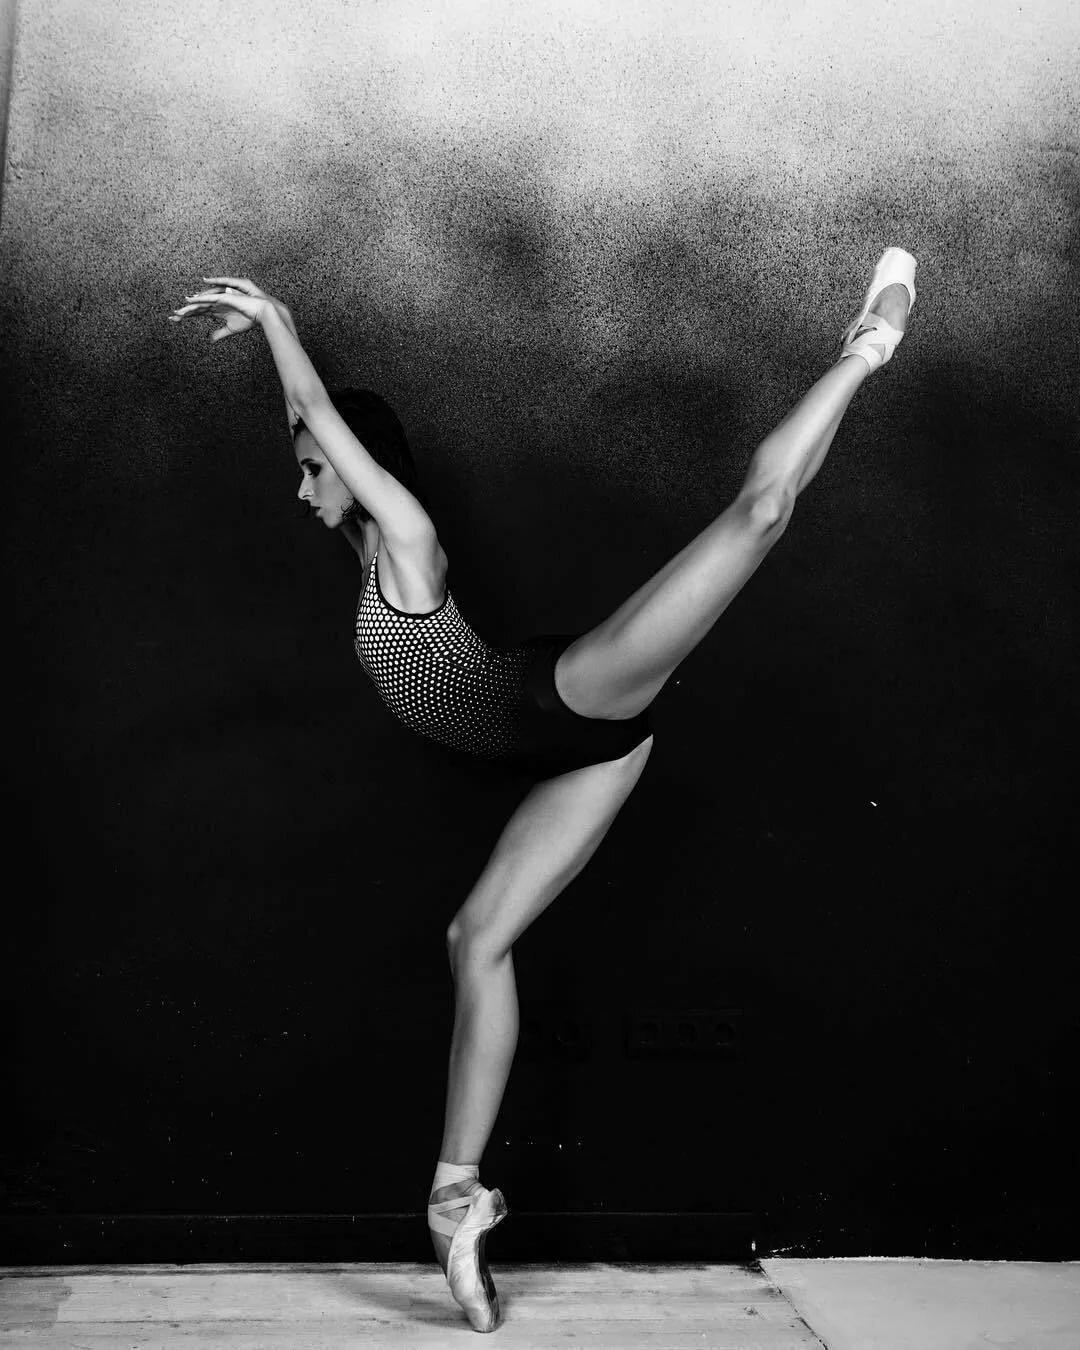 фотосессия танцора с растяжками удивил